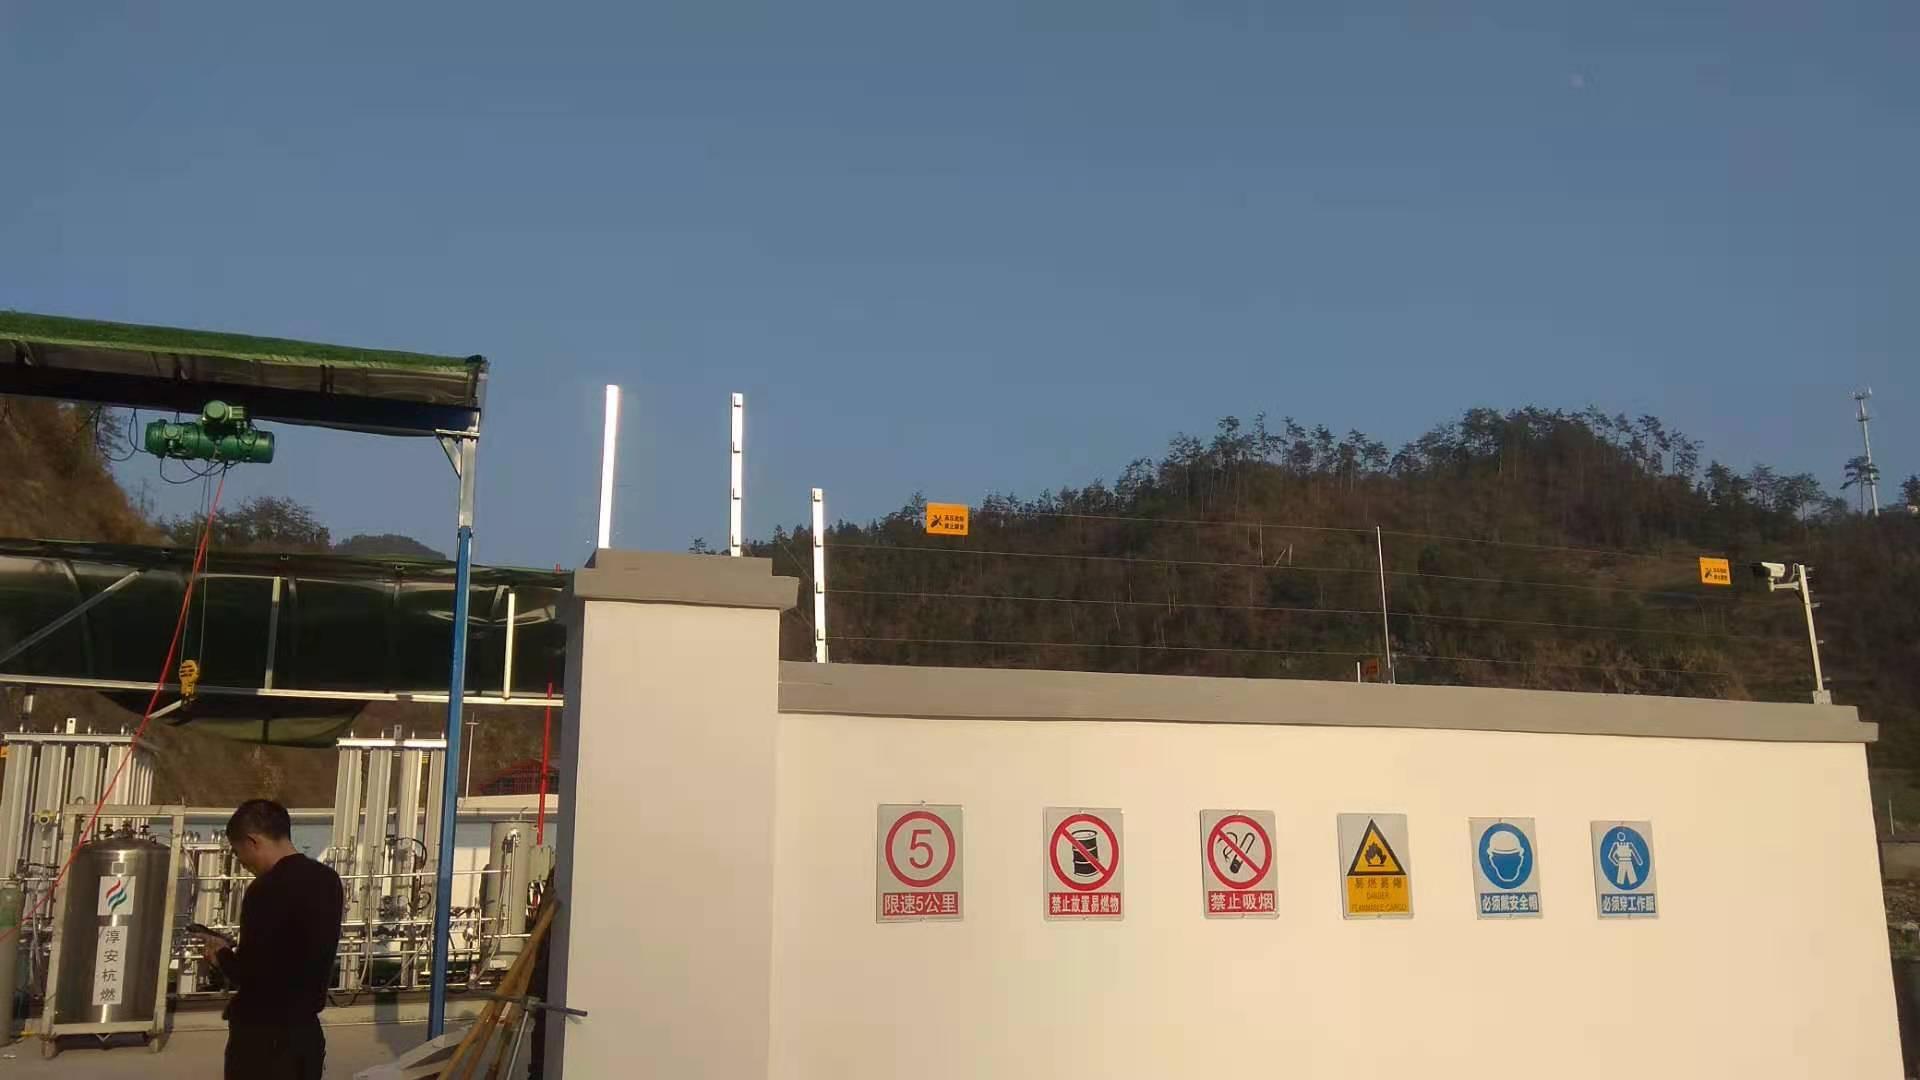 无锡中小学电子围栏安装 江阴宜兴工厂电子围栏系统